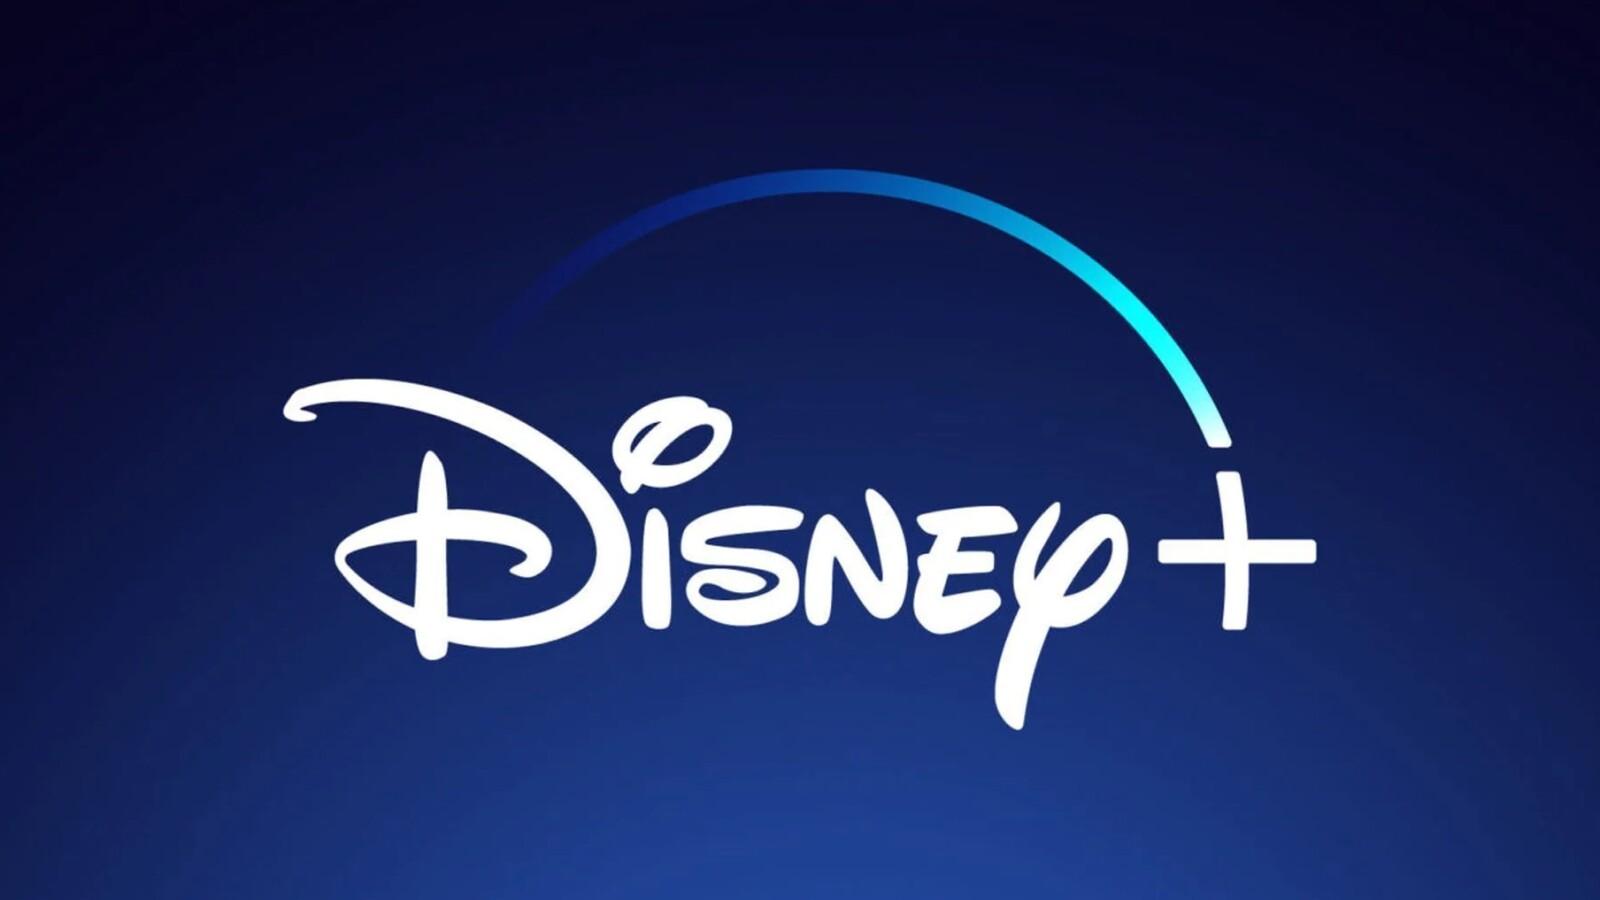 Disney+: Diese Geräte werden unterstützt